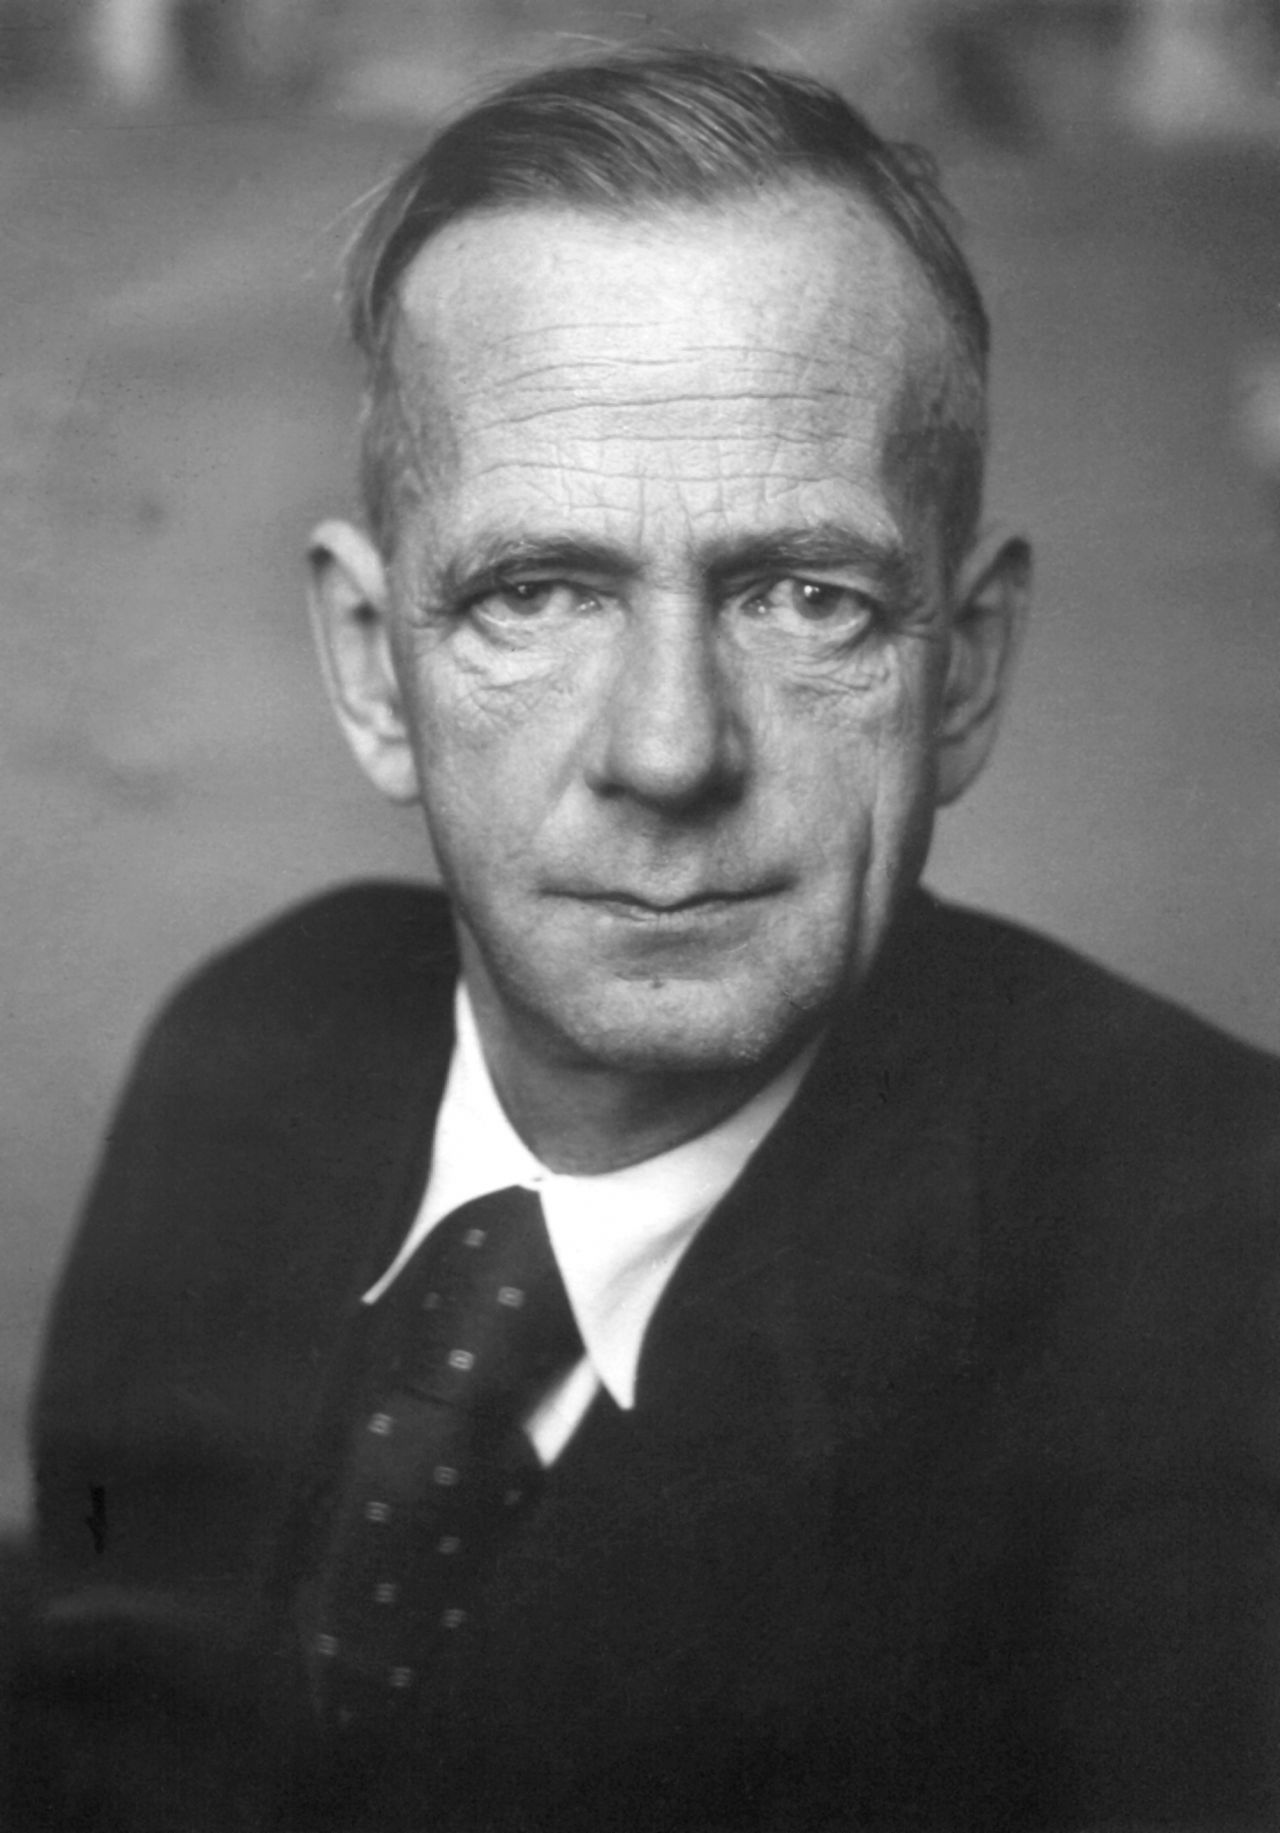 Kurt Schumacher war der 1. SPD-Vorsitzende nach dem 2. Weltkrieg.